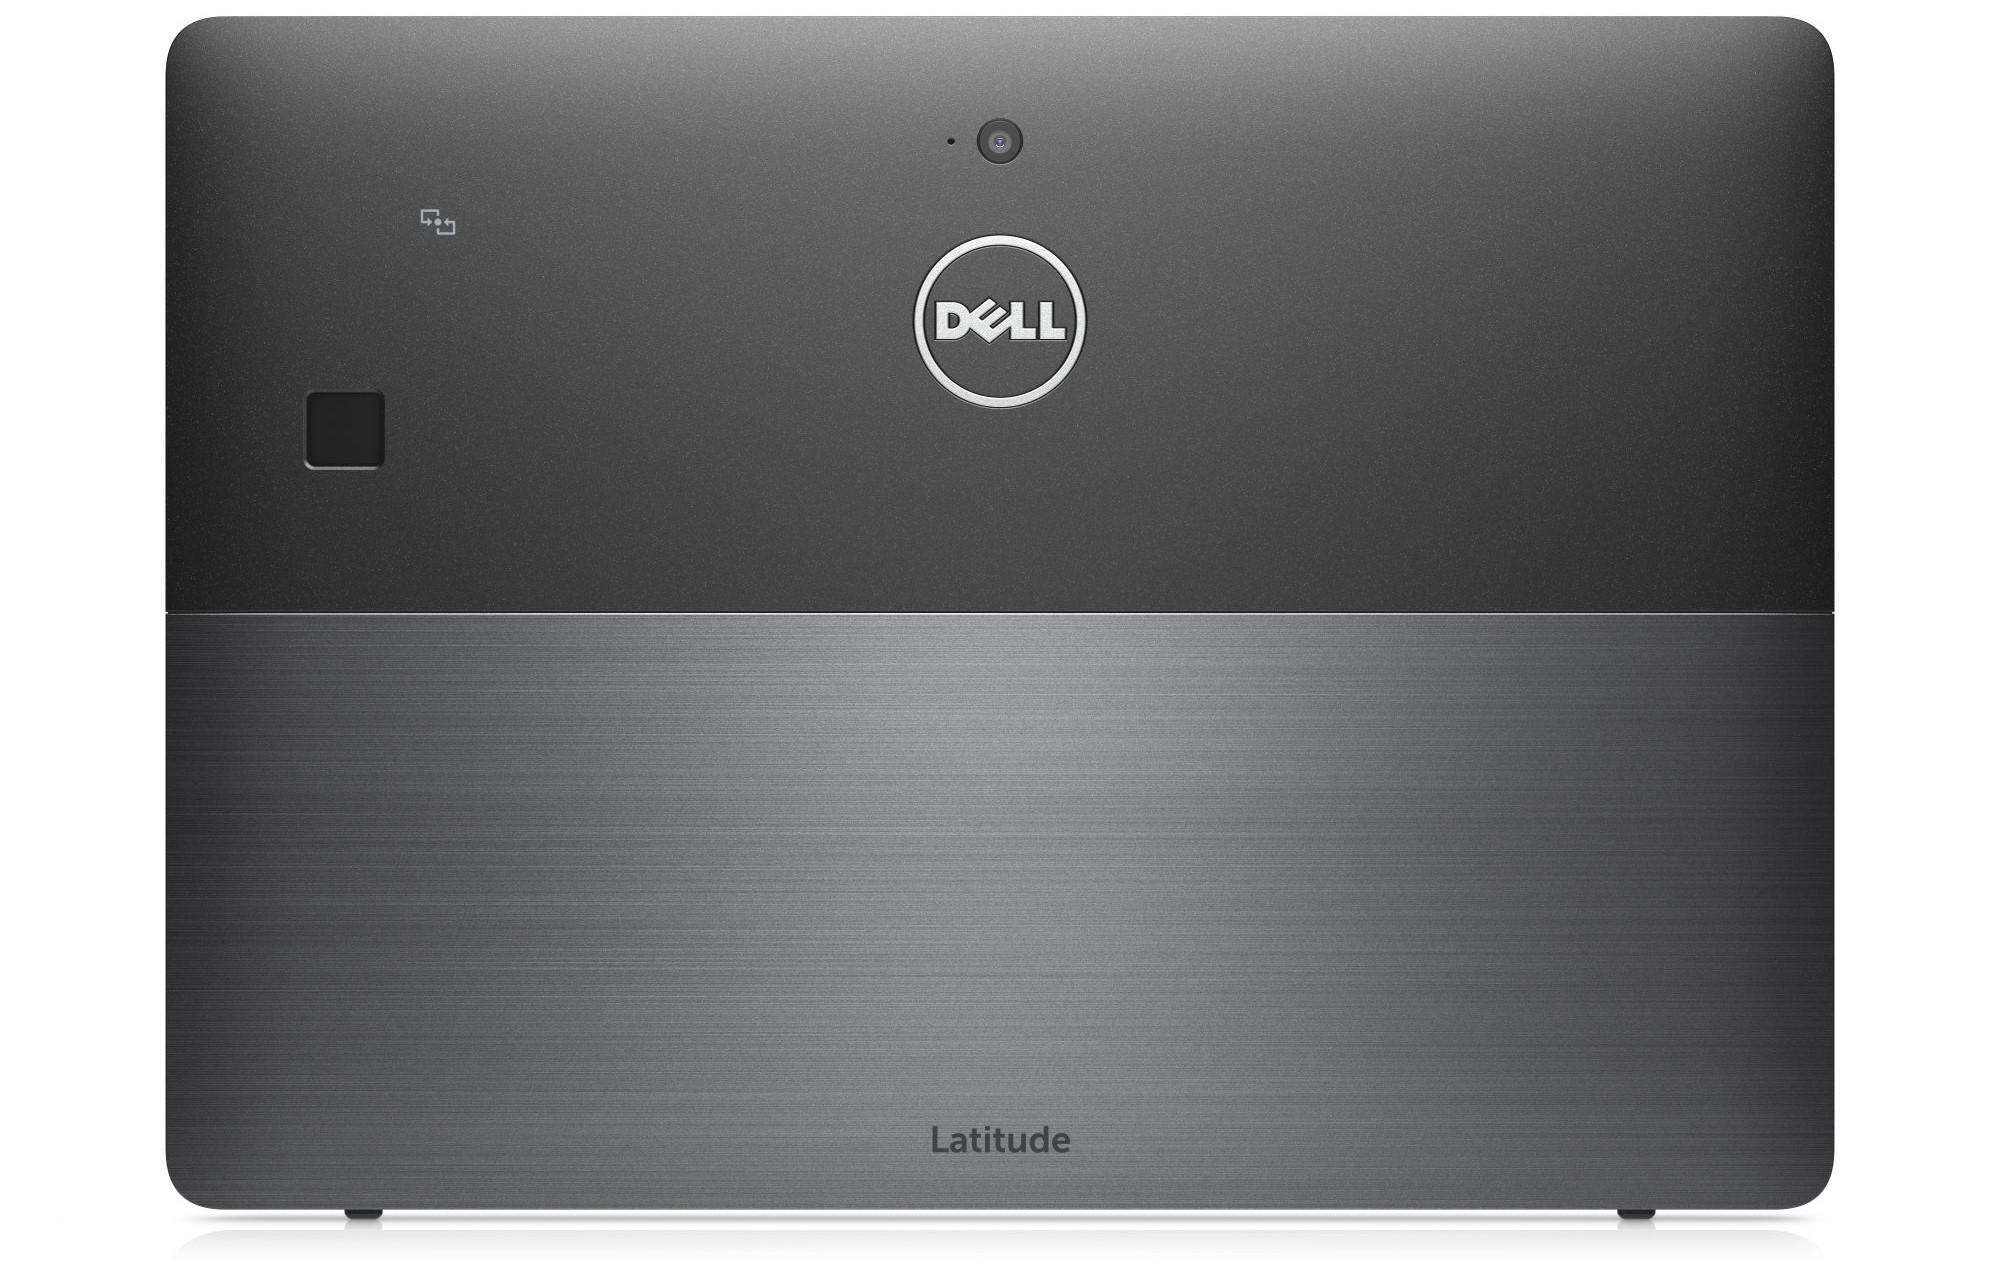 Dell Latitude 5290 2-in-1